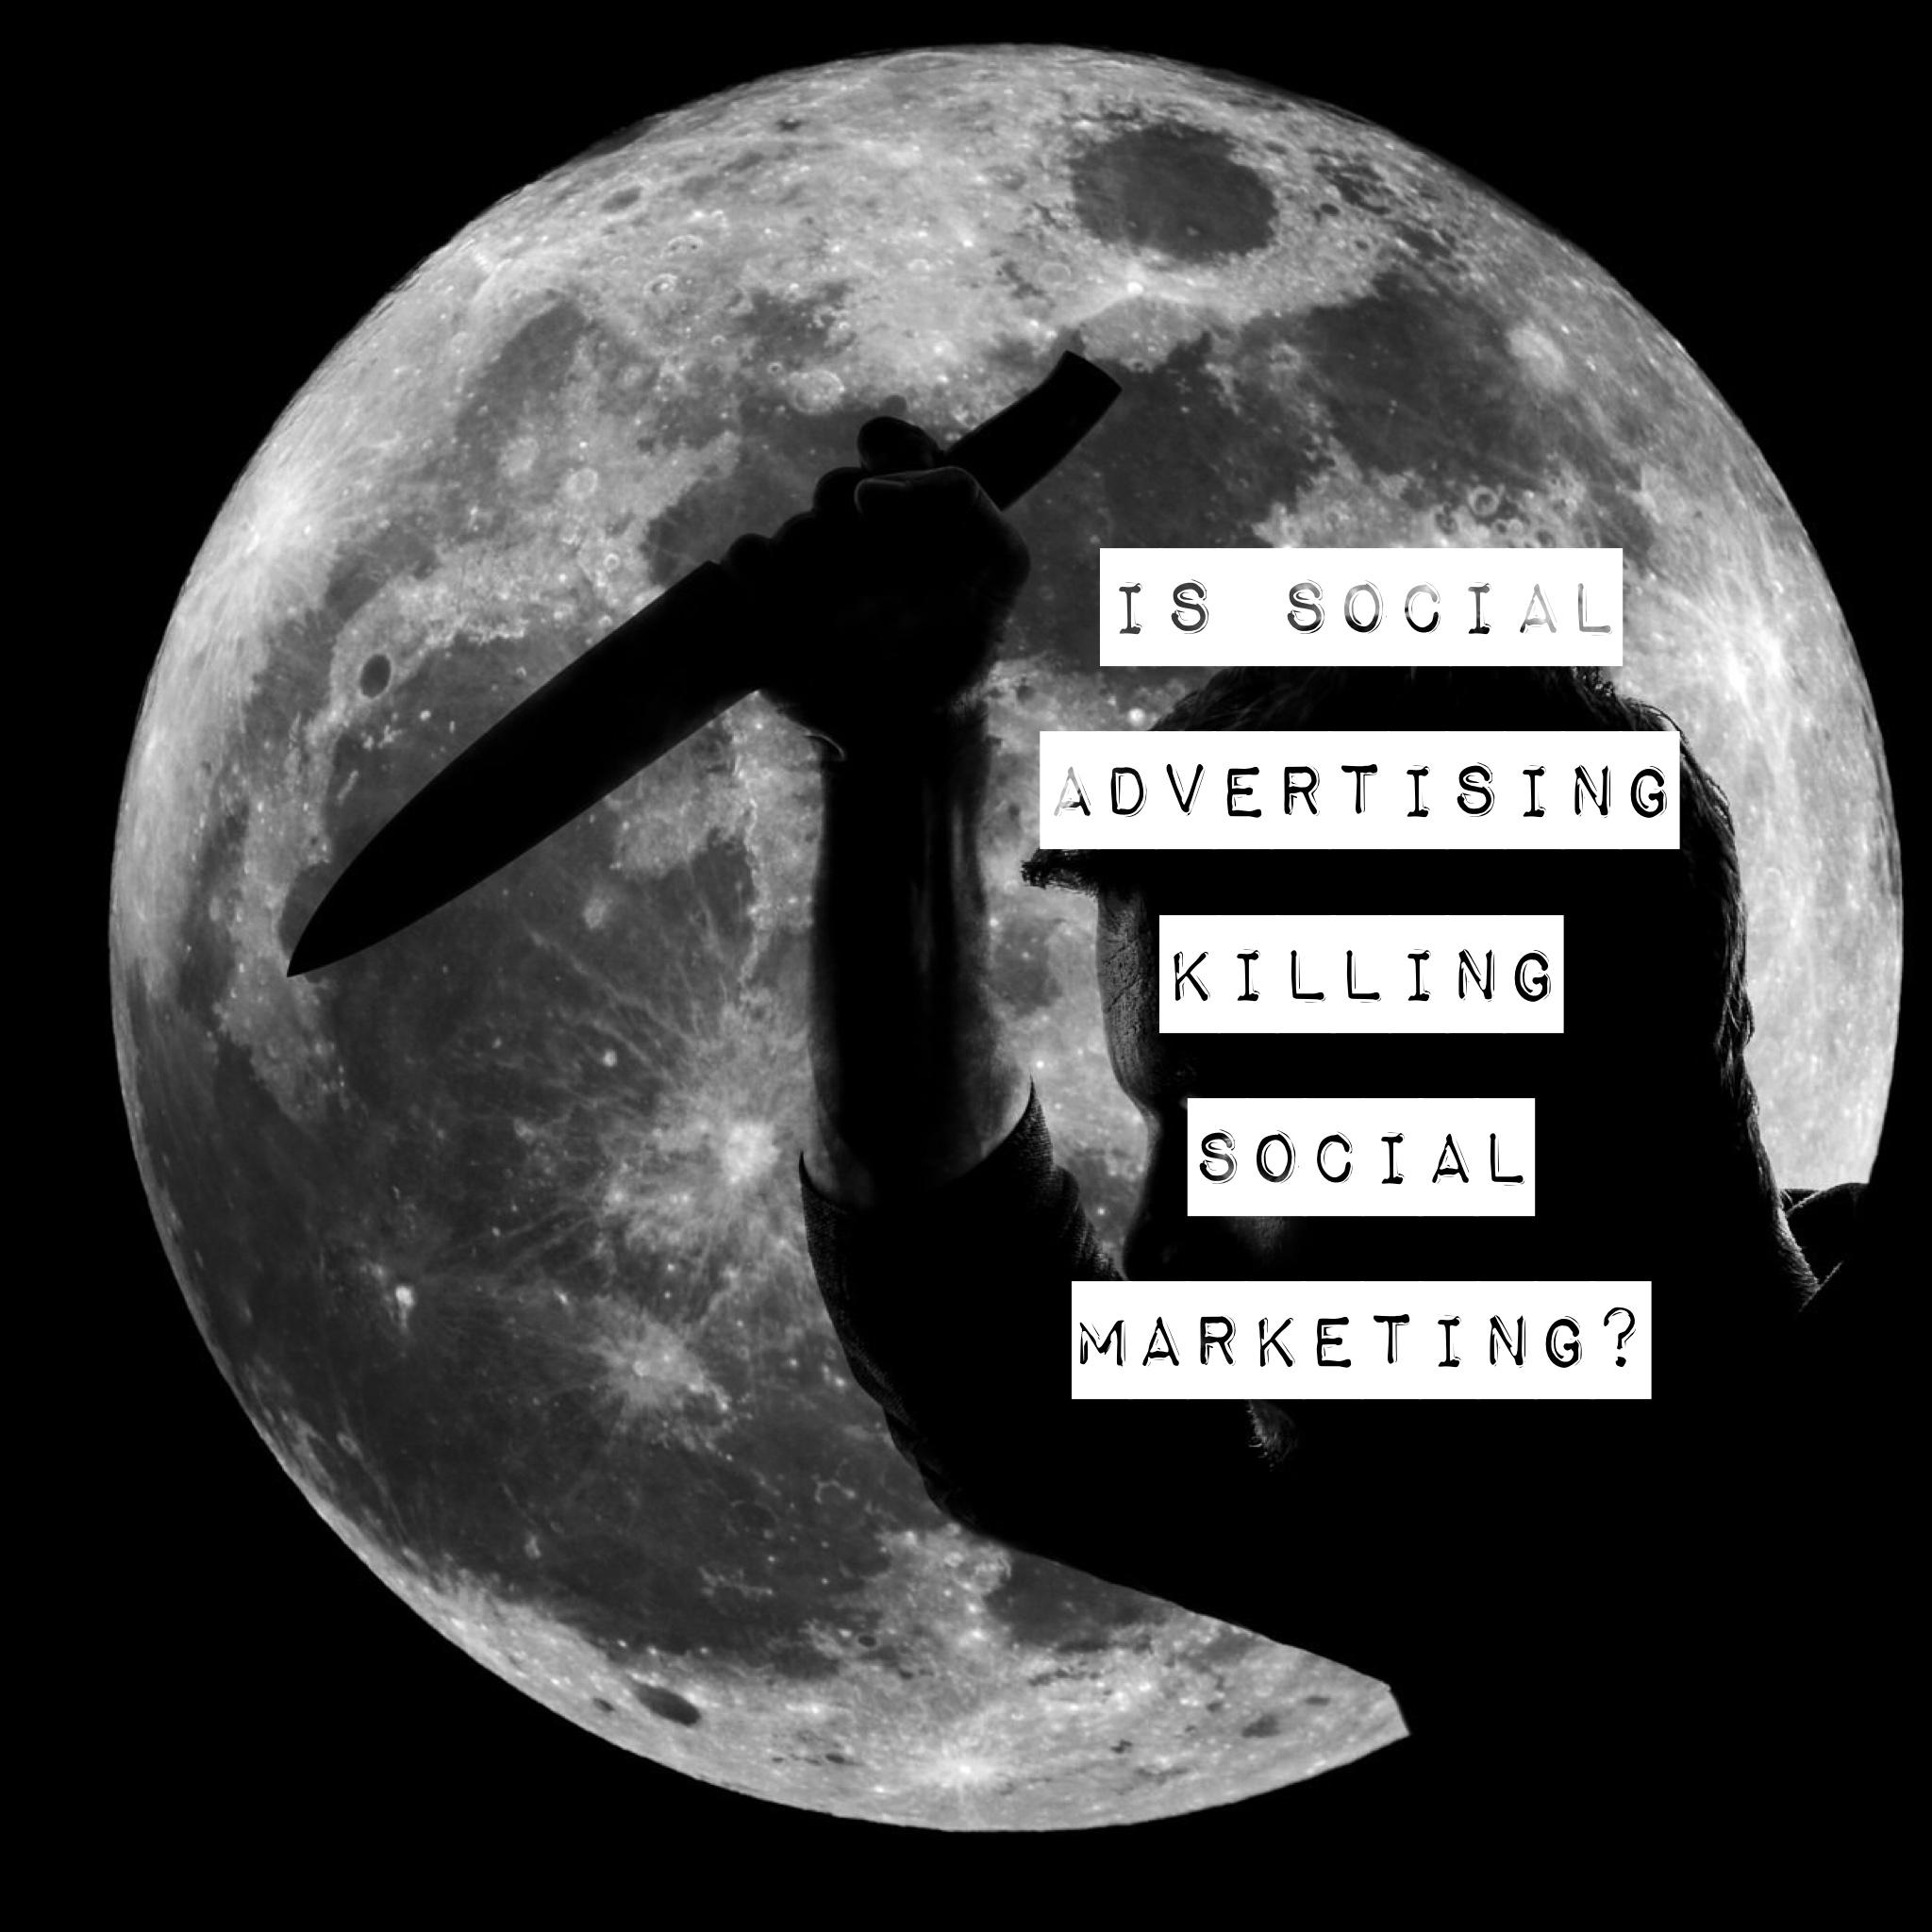 Is social advertising killing social marketing?